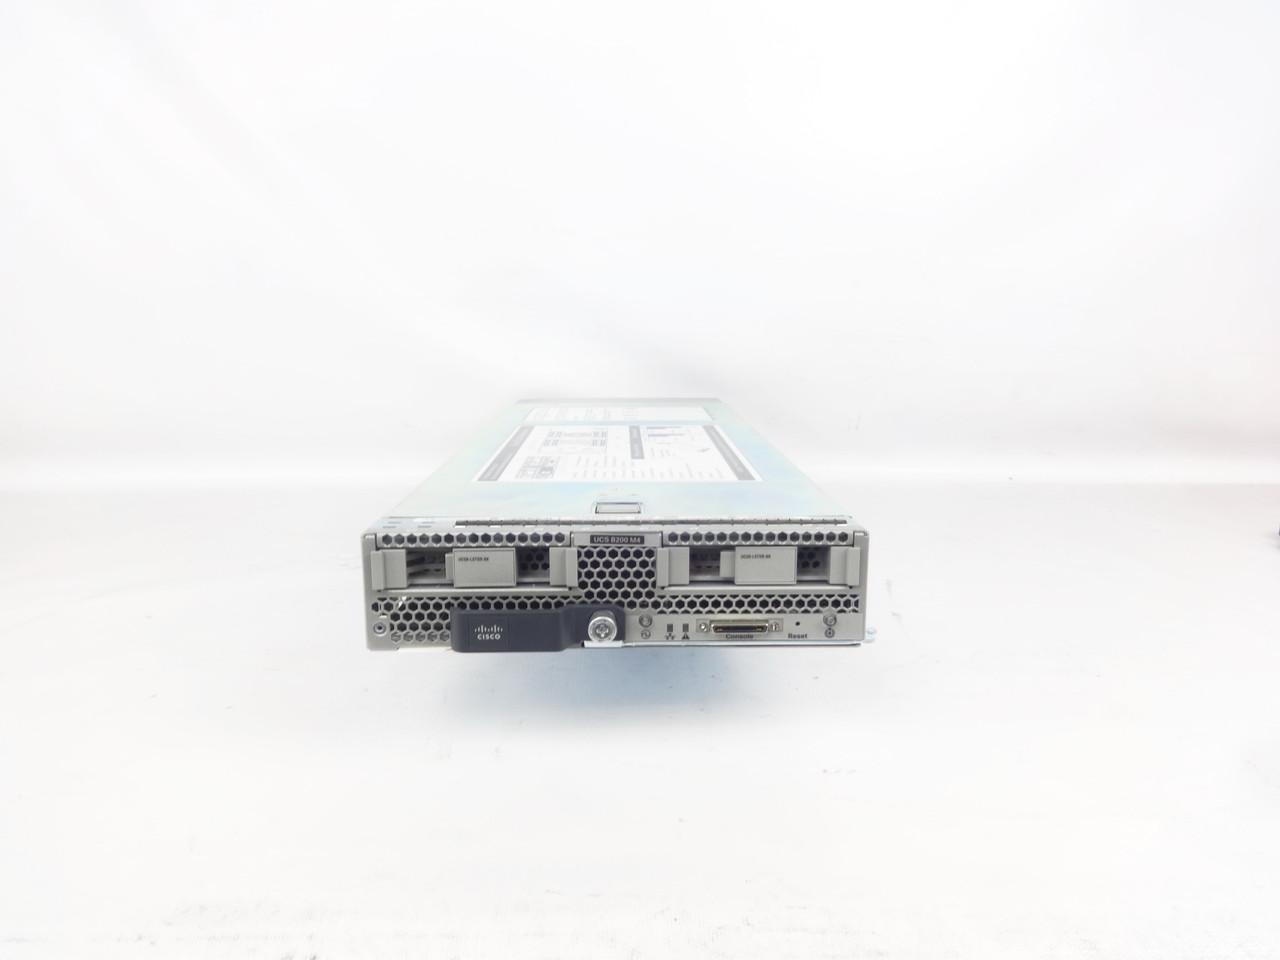 Cisco UCS B200 M4 Blade Server